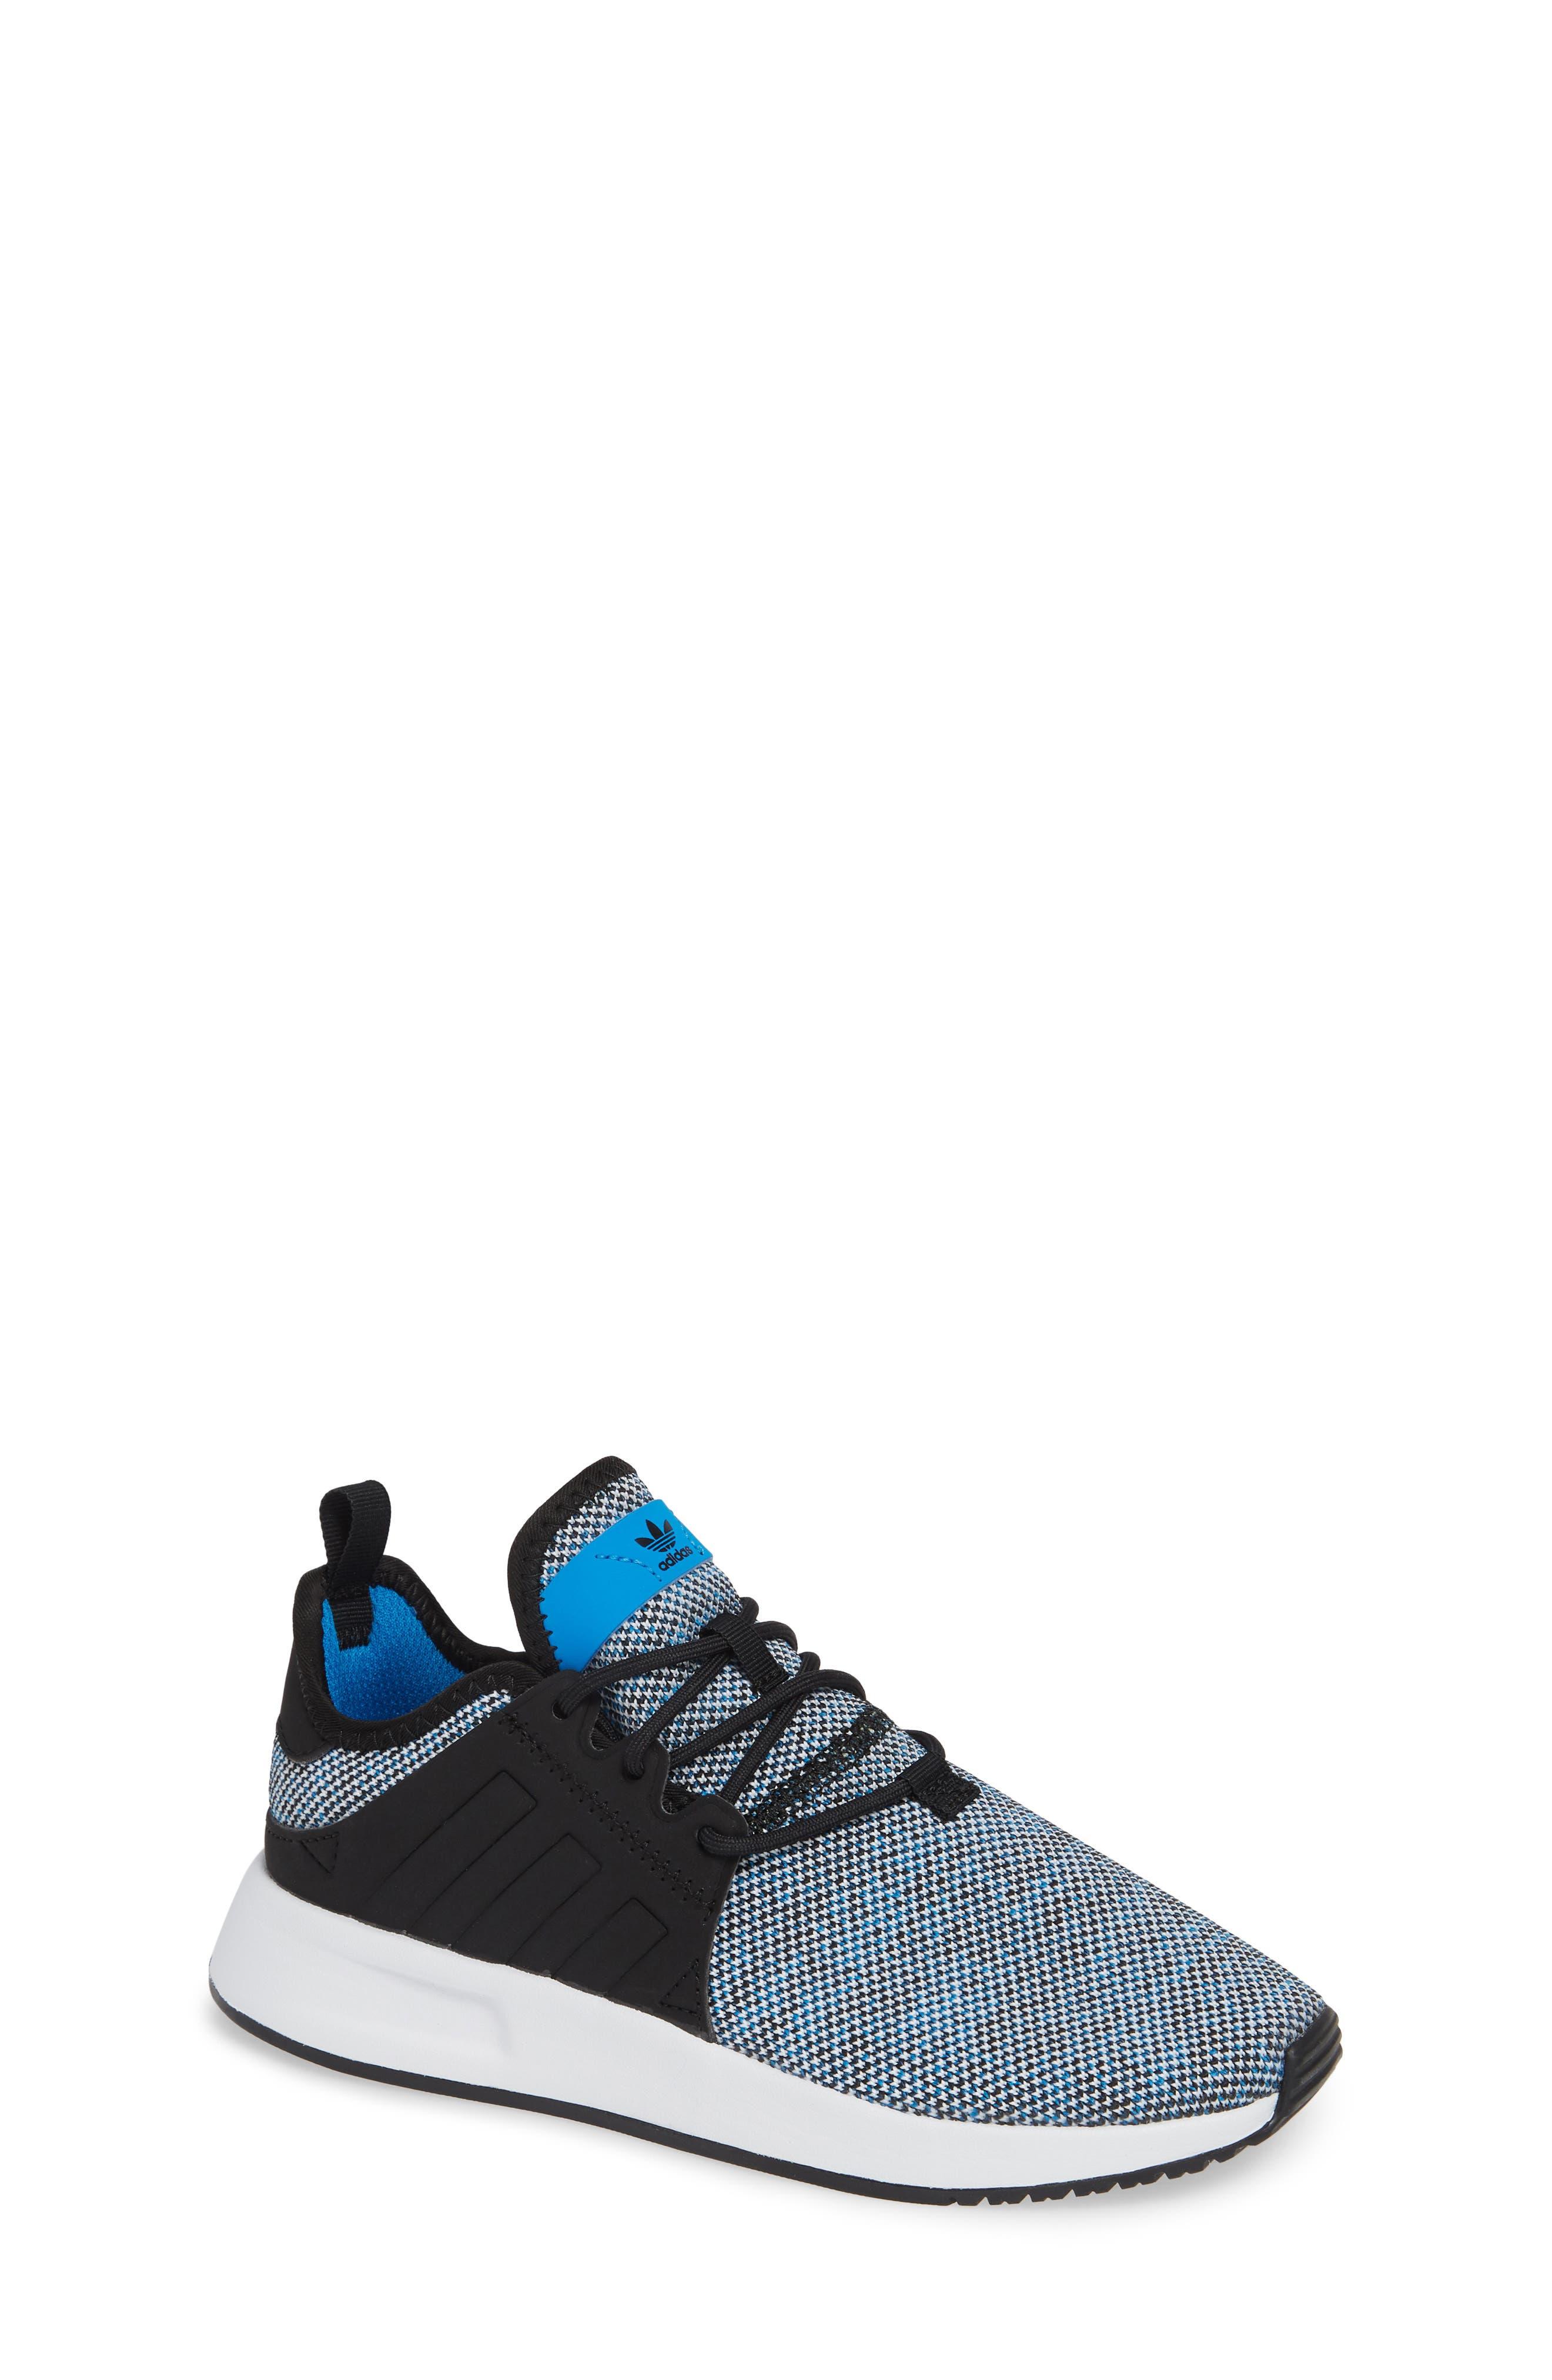 74cd0aade978 ... cheap adidas xplr sneaker baby walker toddler little kid big kid e30de  388c9